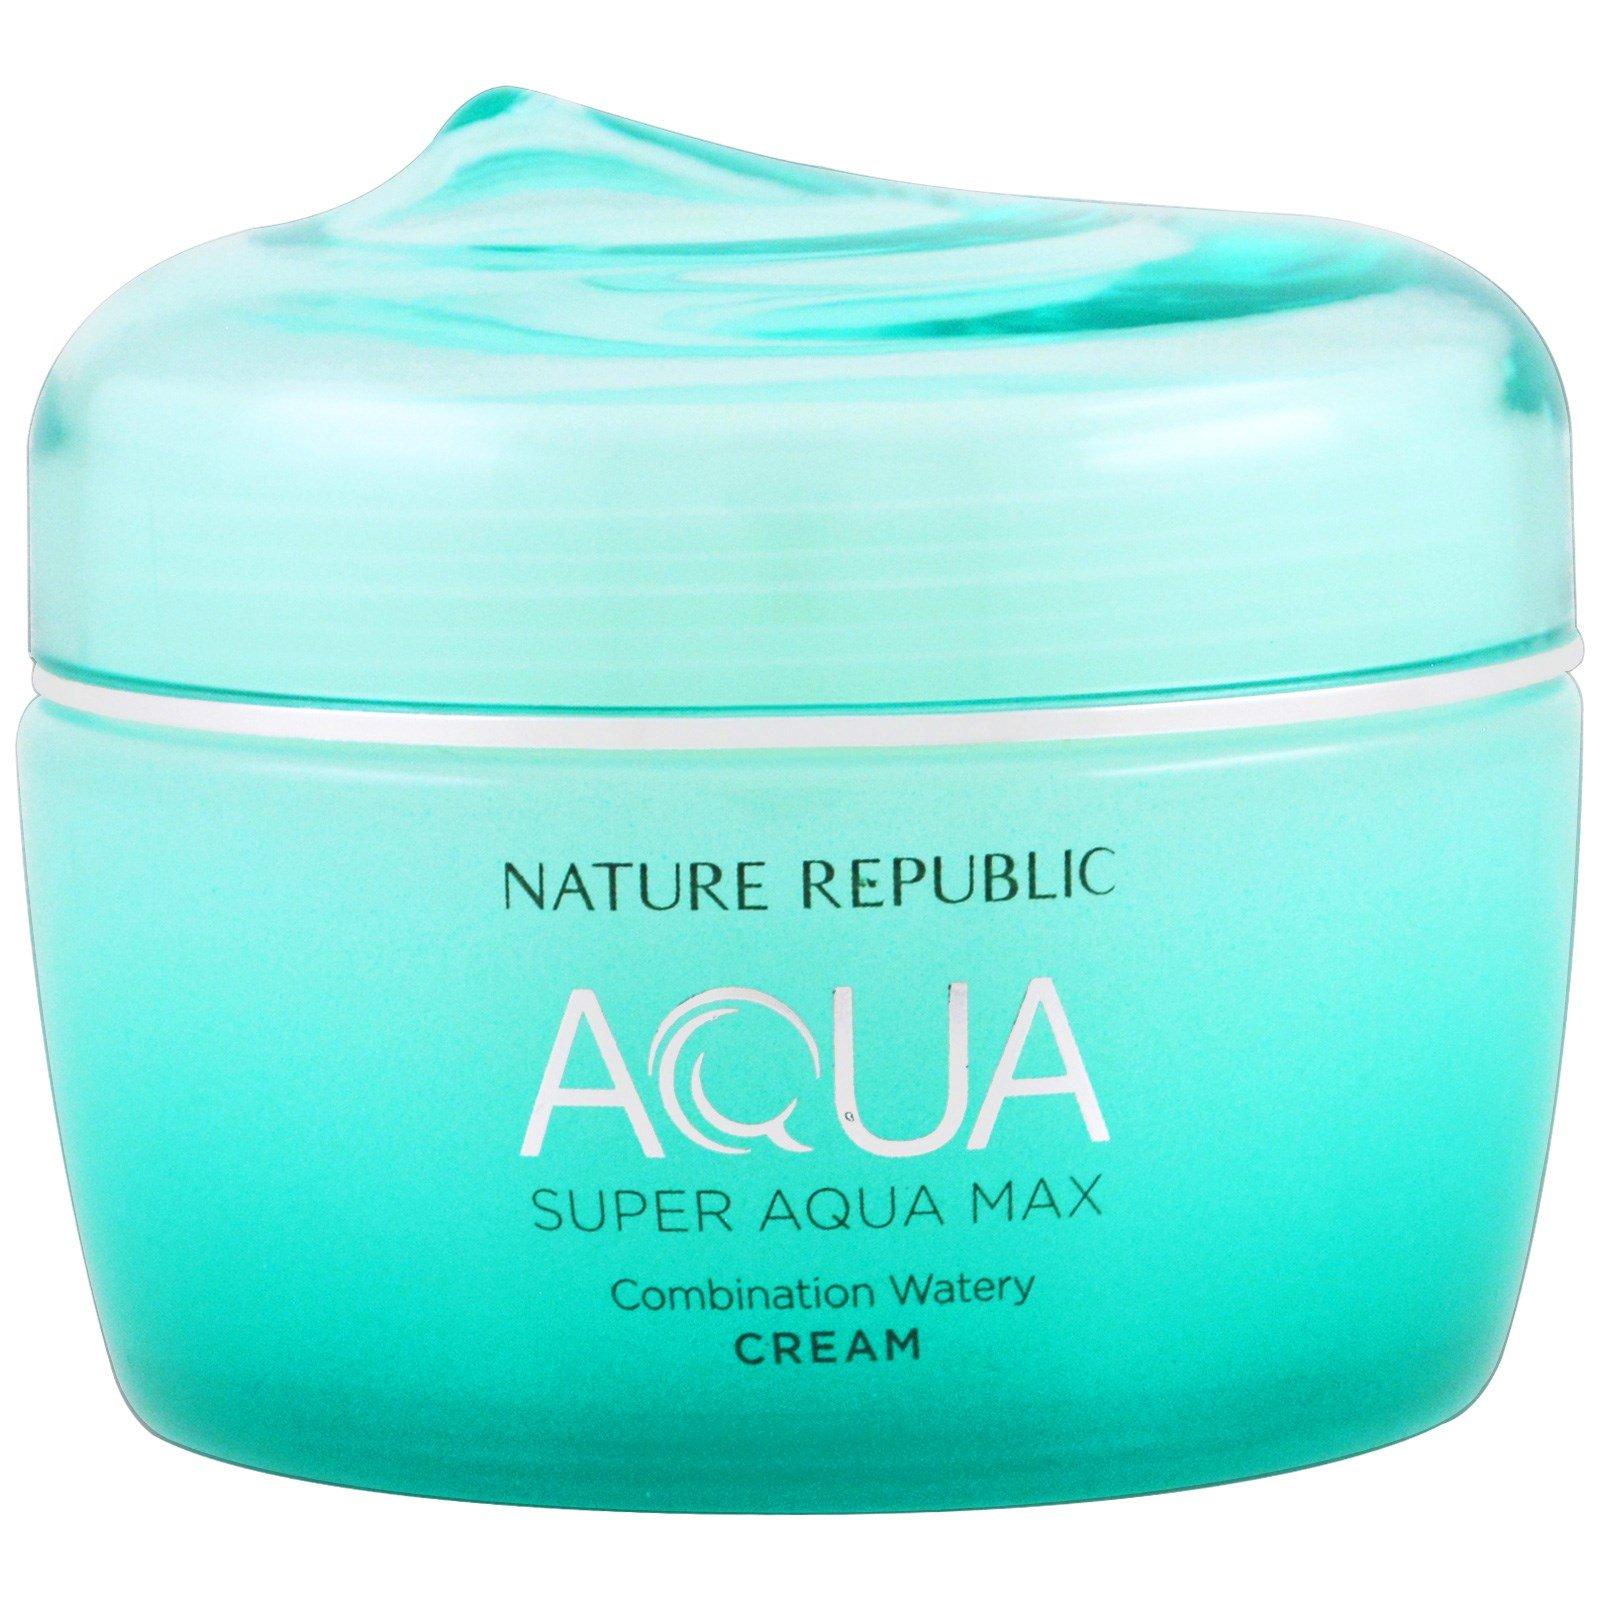 Nature Republic, Аква, Супер Аква Макс, комбинированный водянистый крем, 80 мл (2,70 жидк. унц.)